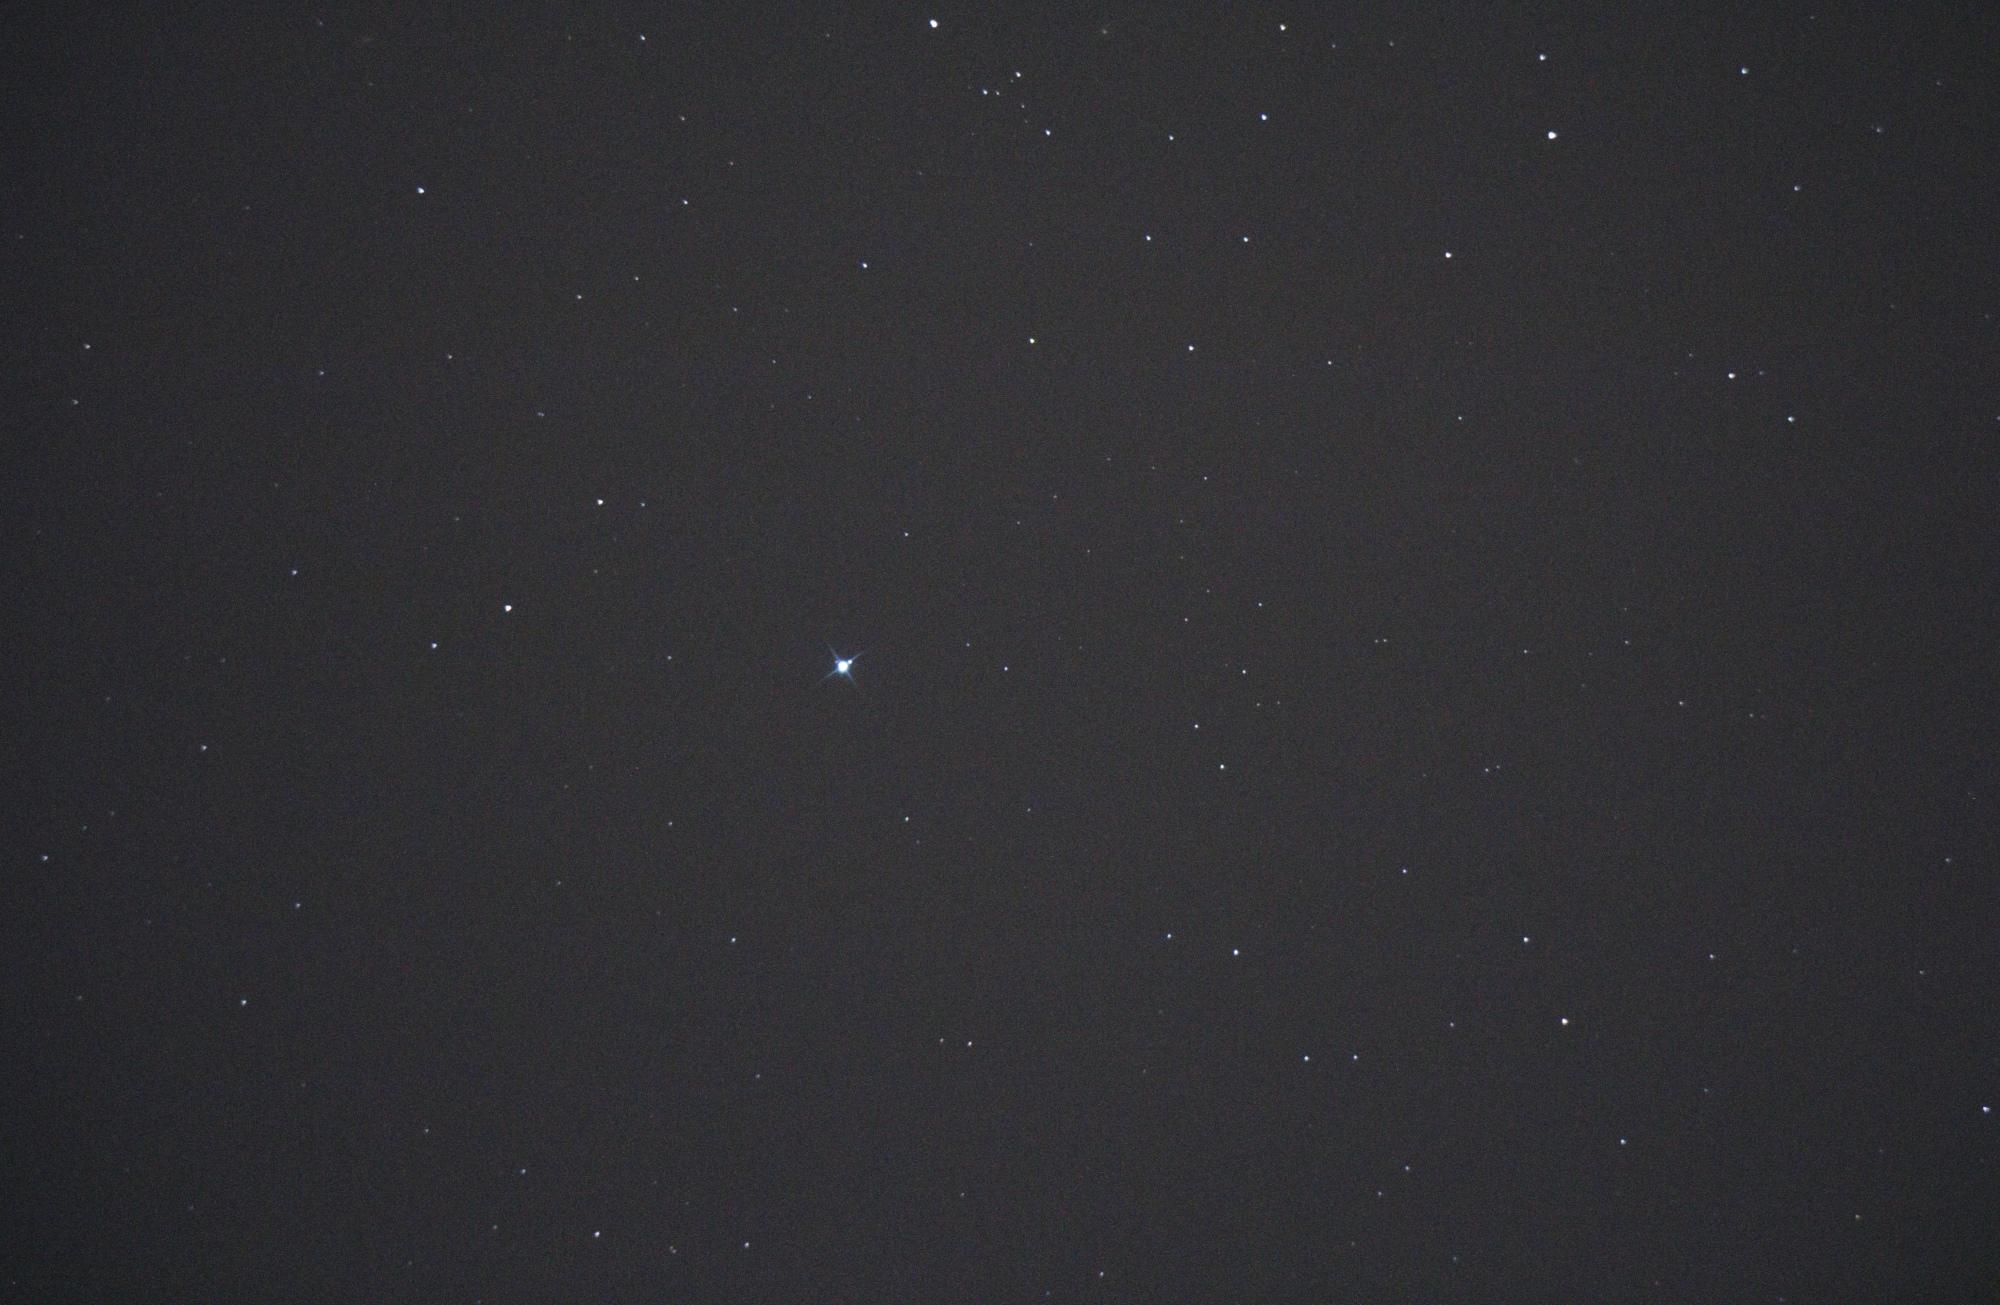 5f84c7af14db4_Neptune982931333436B1send.thumb.jpg.2828eeab471798a8964ff3748b5abd49.jpg